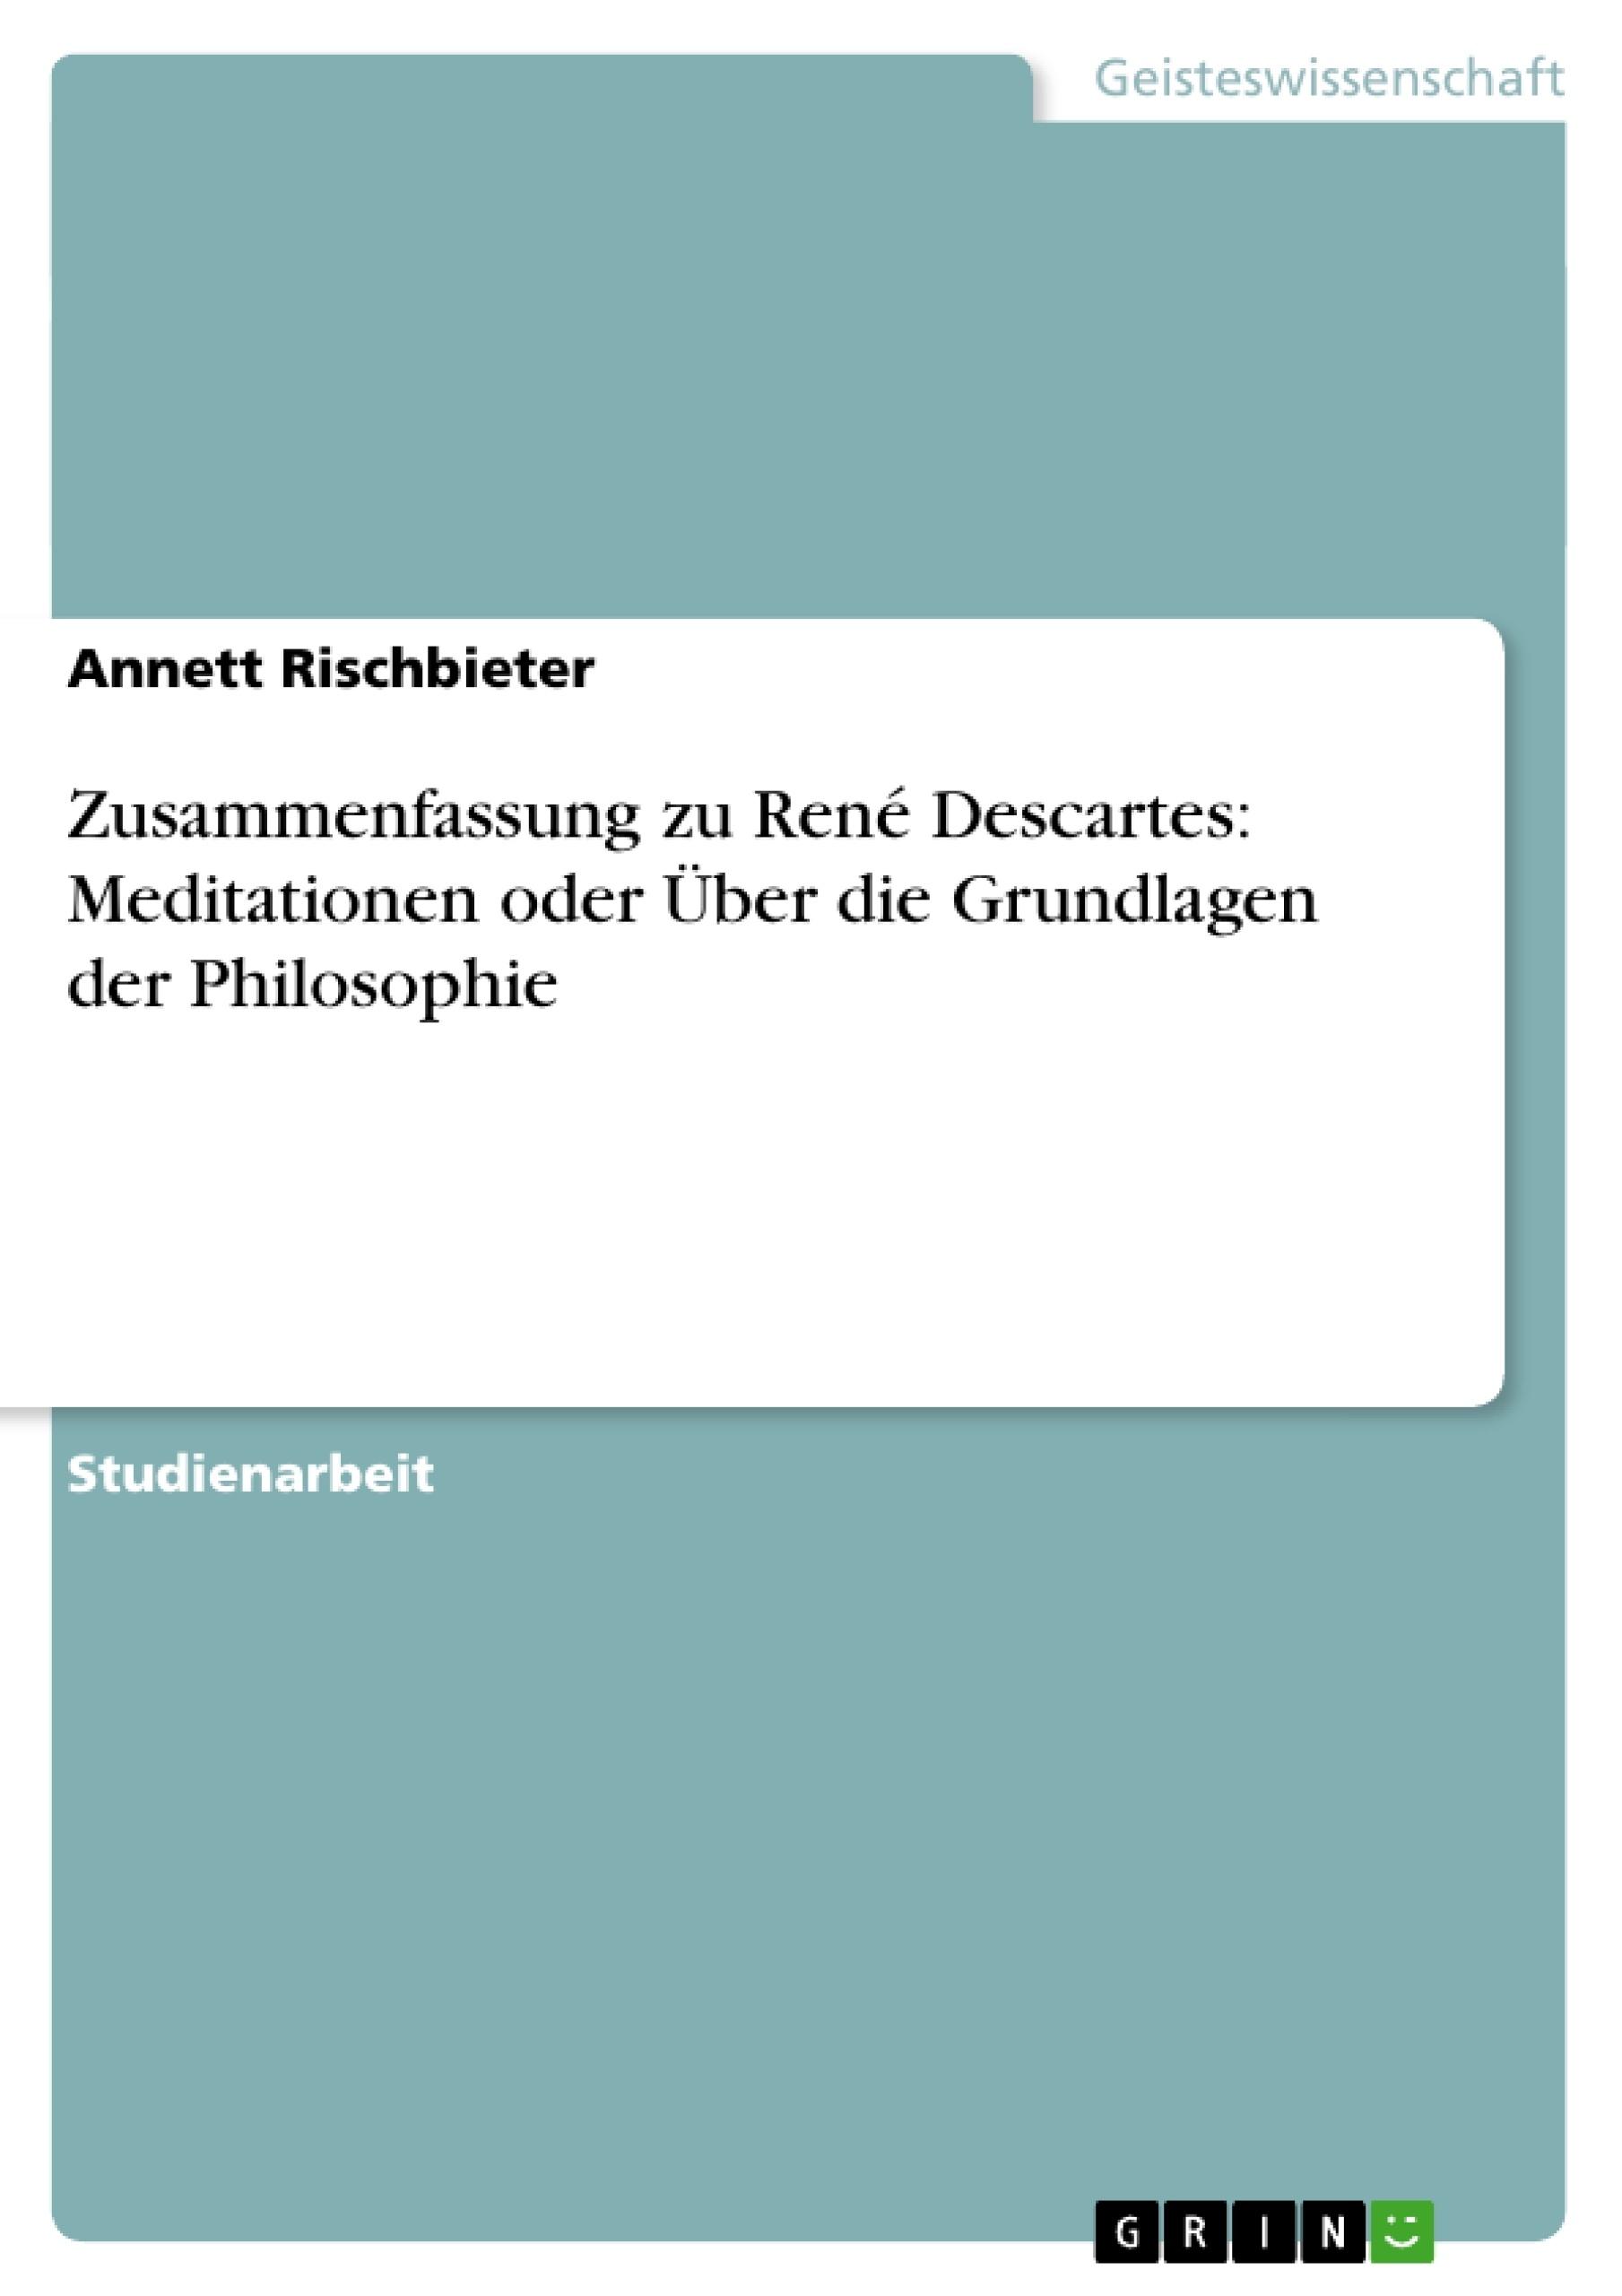 Titel: Zusammenfassung zu René Descartes: Meditationen oder Über die Grundlagen der Philosophie